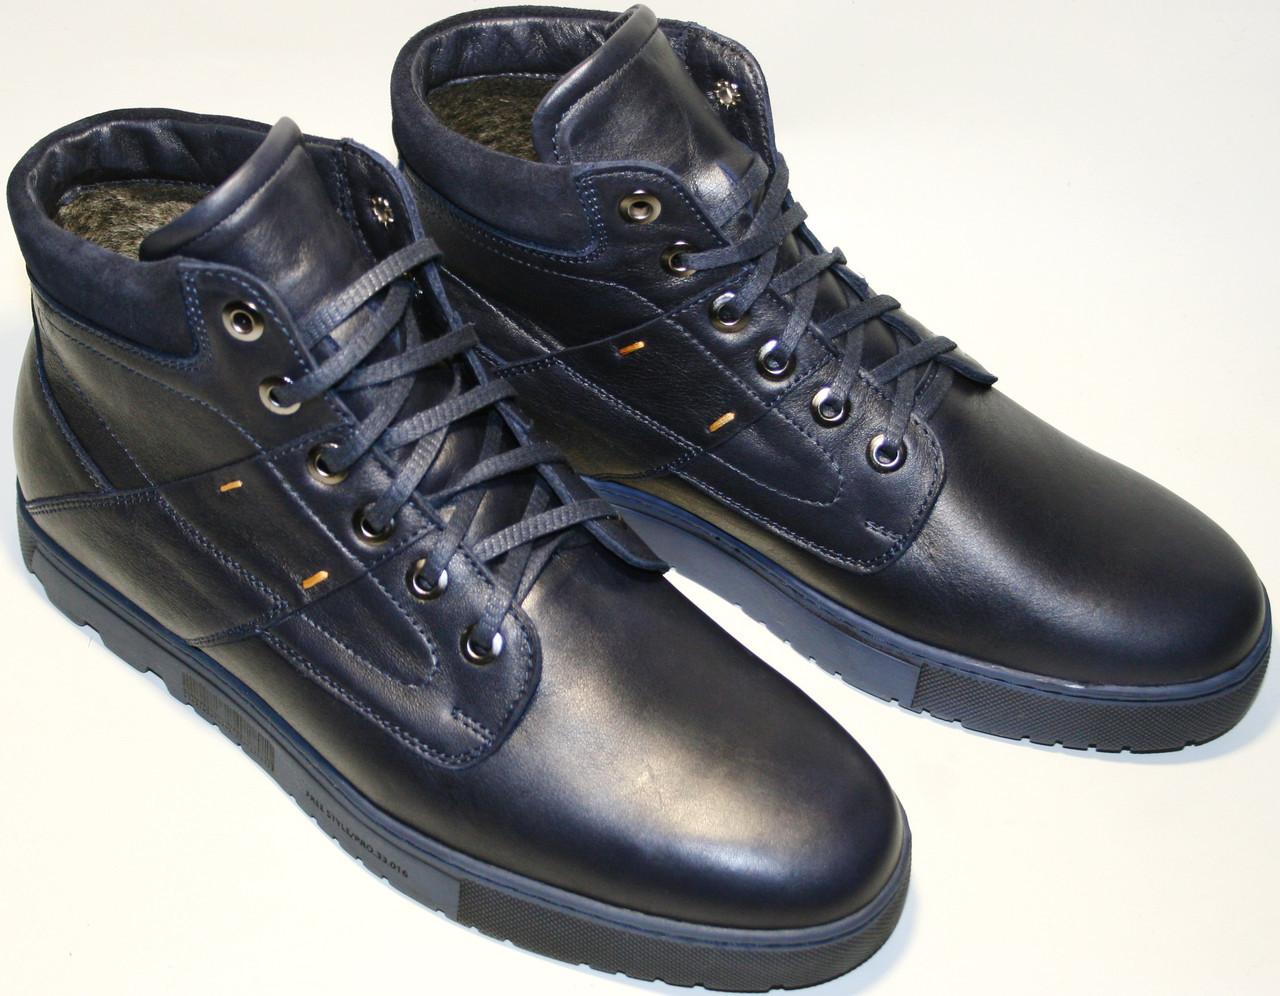 11f6ca4e Купить ботинки мужские зимние синие спортивные Ikos от